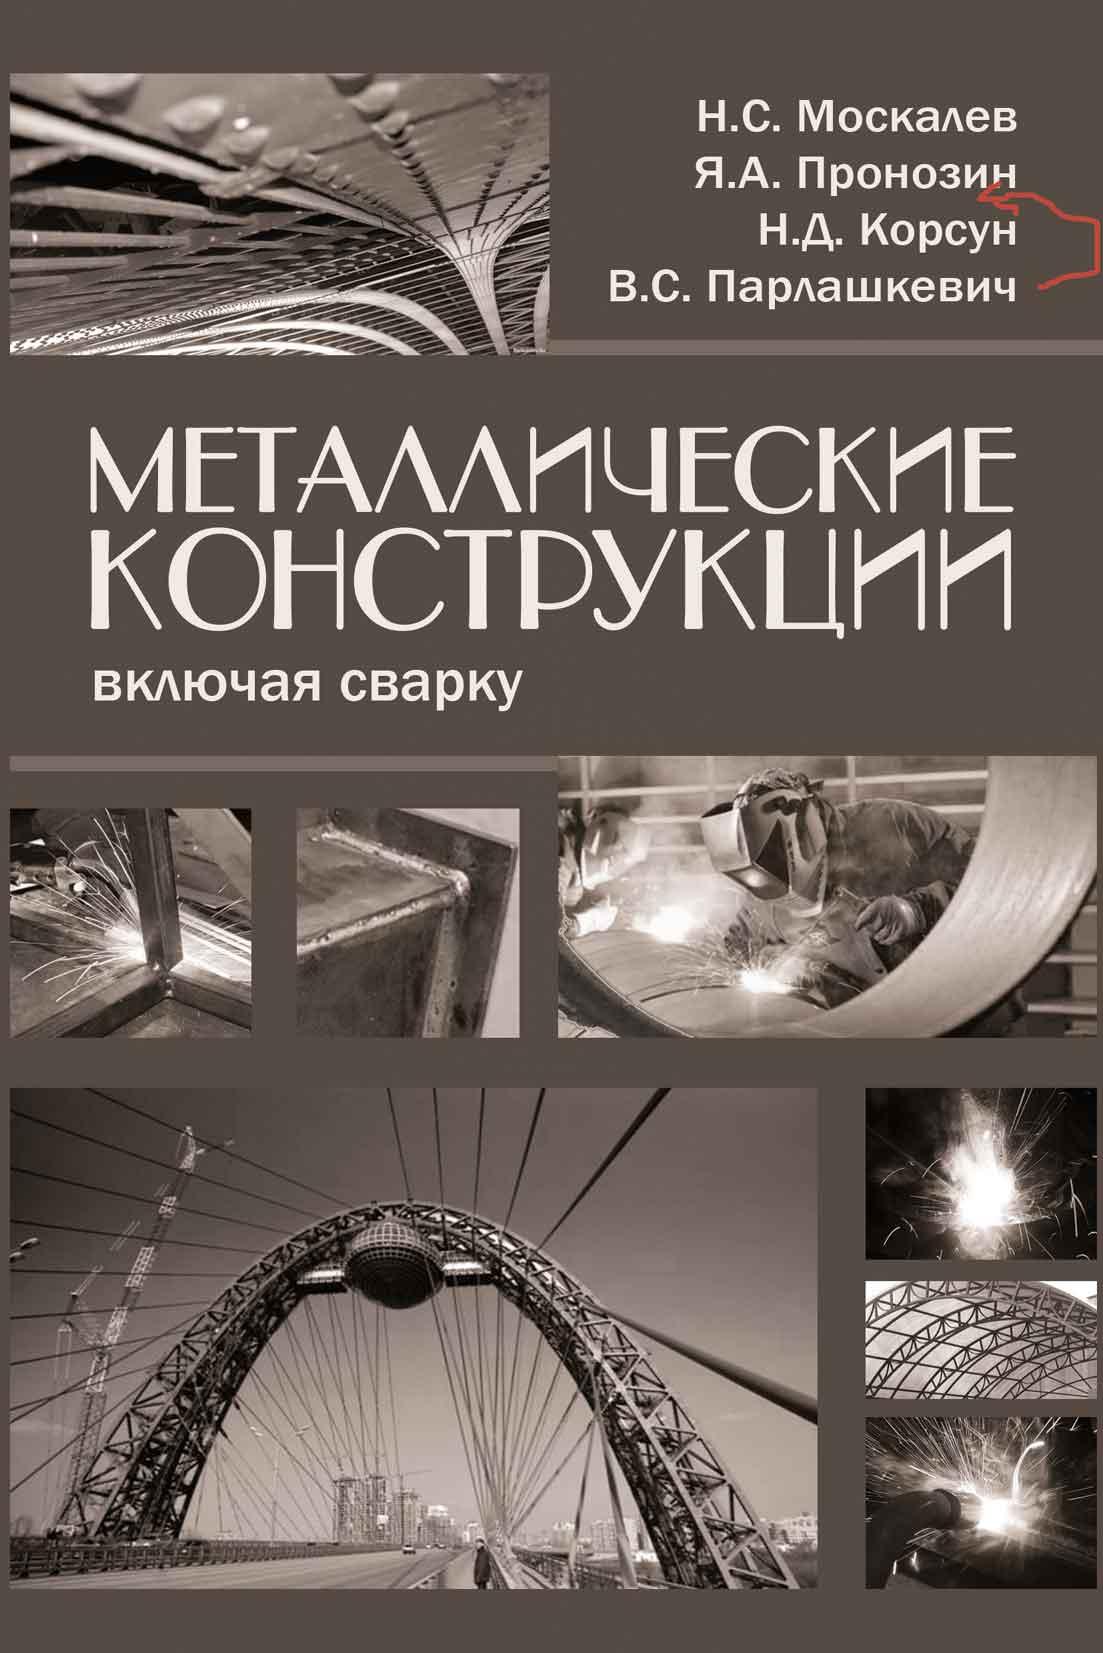 В. С. Парлашкевич Металлические конструкции, включая сварку